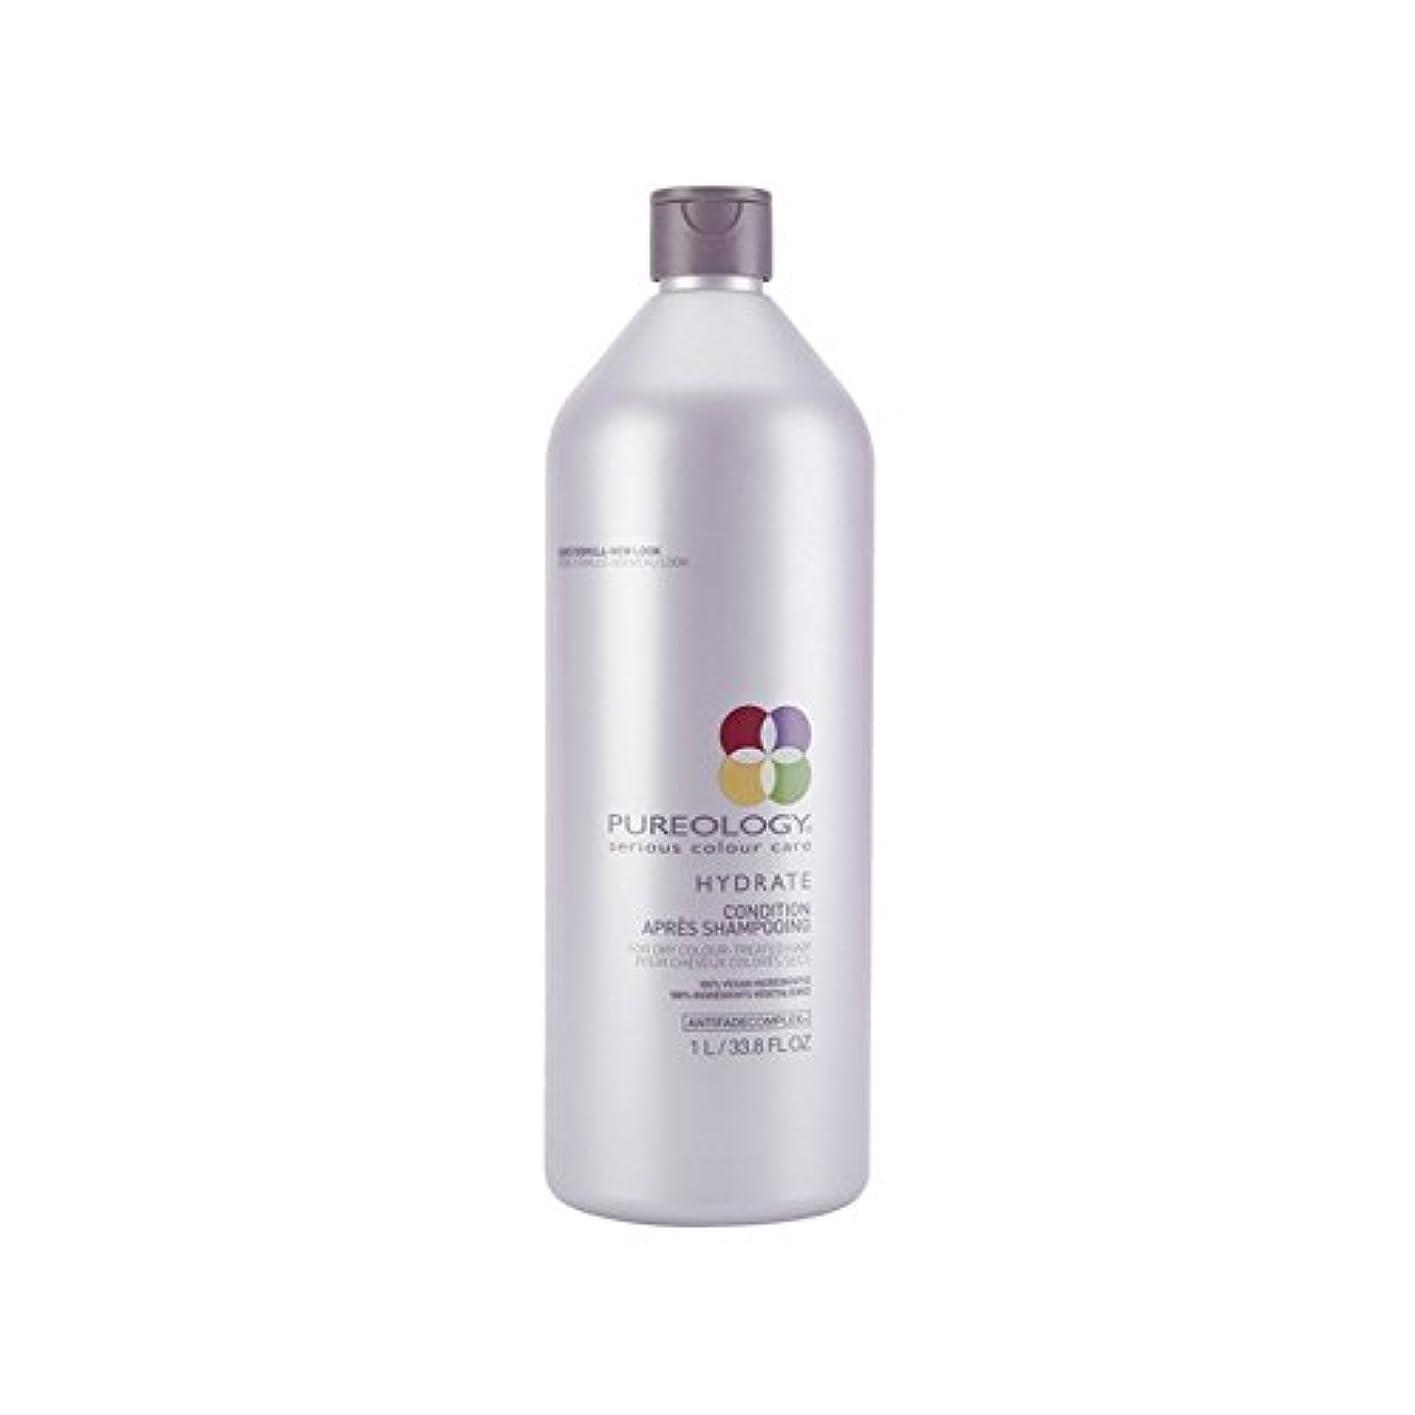 連邦地中海修理可能純粋な水和物コンディショナー(千ミリリットル) x2 - Pureology Pure Hydrate Conditioner (1000ml) (Pack of 2) [並行輸入品]